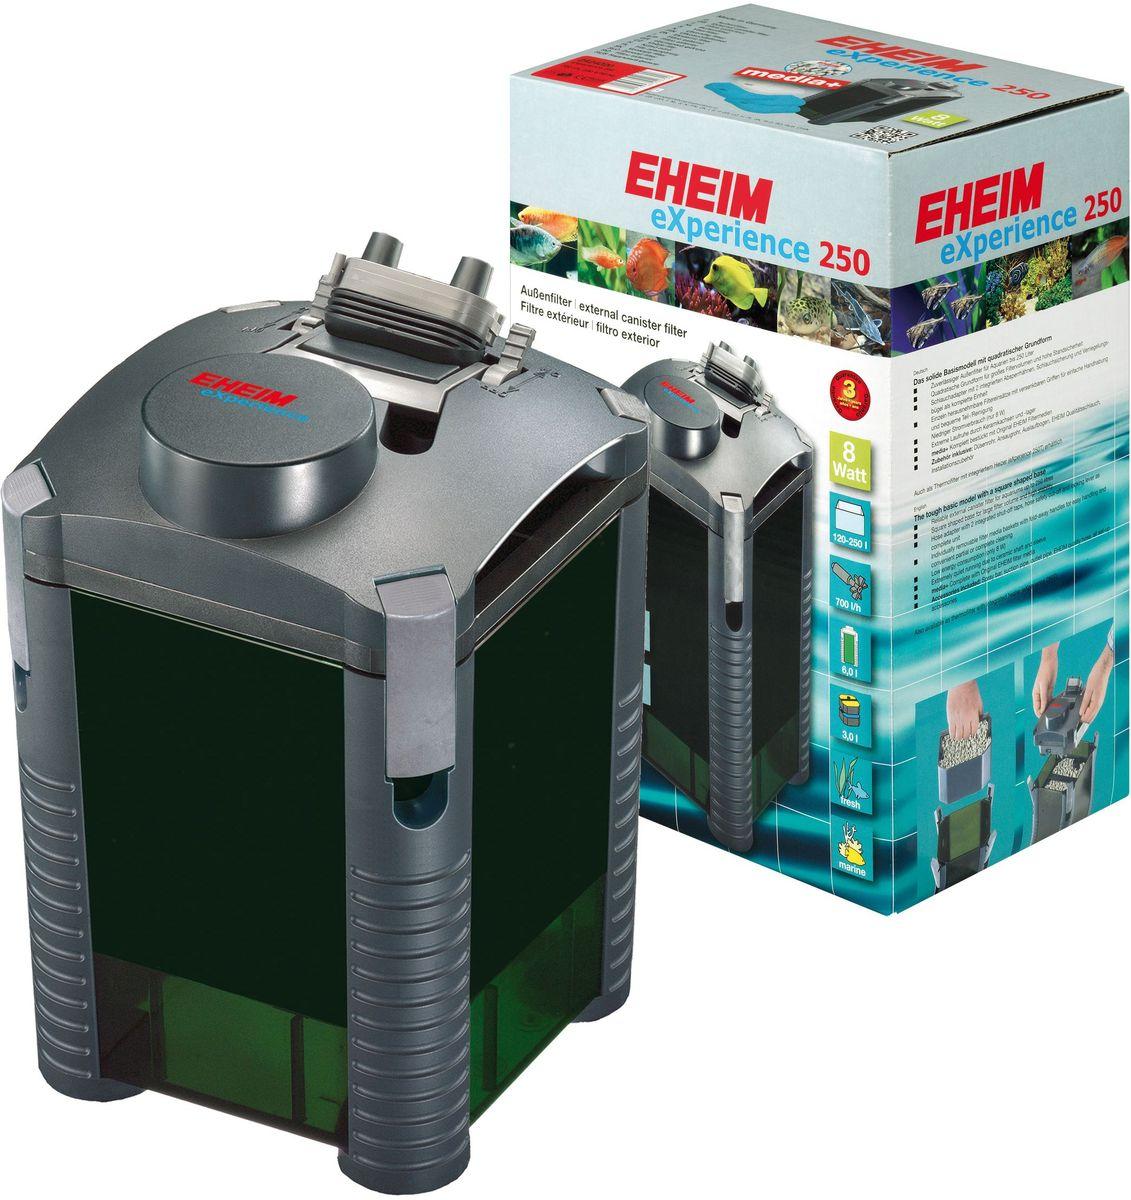 Фильтр внешний Eheim Experience 2500120710Прочная базовая модель квадратной формы для фильтров большого обьема и высокой устойчивости. Съёмный адаптер для шланга со встроенными запорными кранами,защитным покрытием шланга и прижимной скобой в виде единого блока. Отдельно съёмные корзины для наполнителей с выдвижными ручками для удобства при перемещении и удобной частичной/полной очистки.